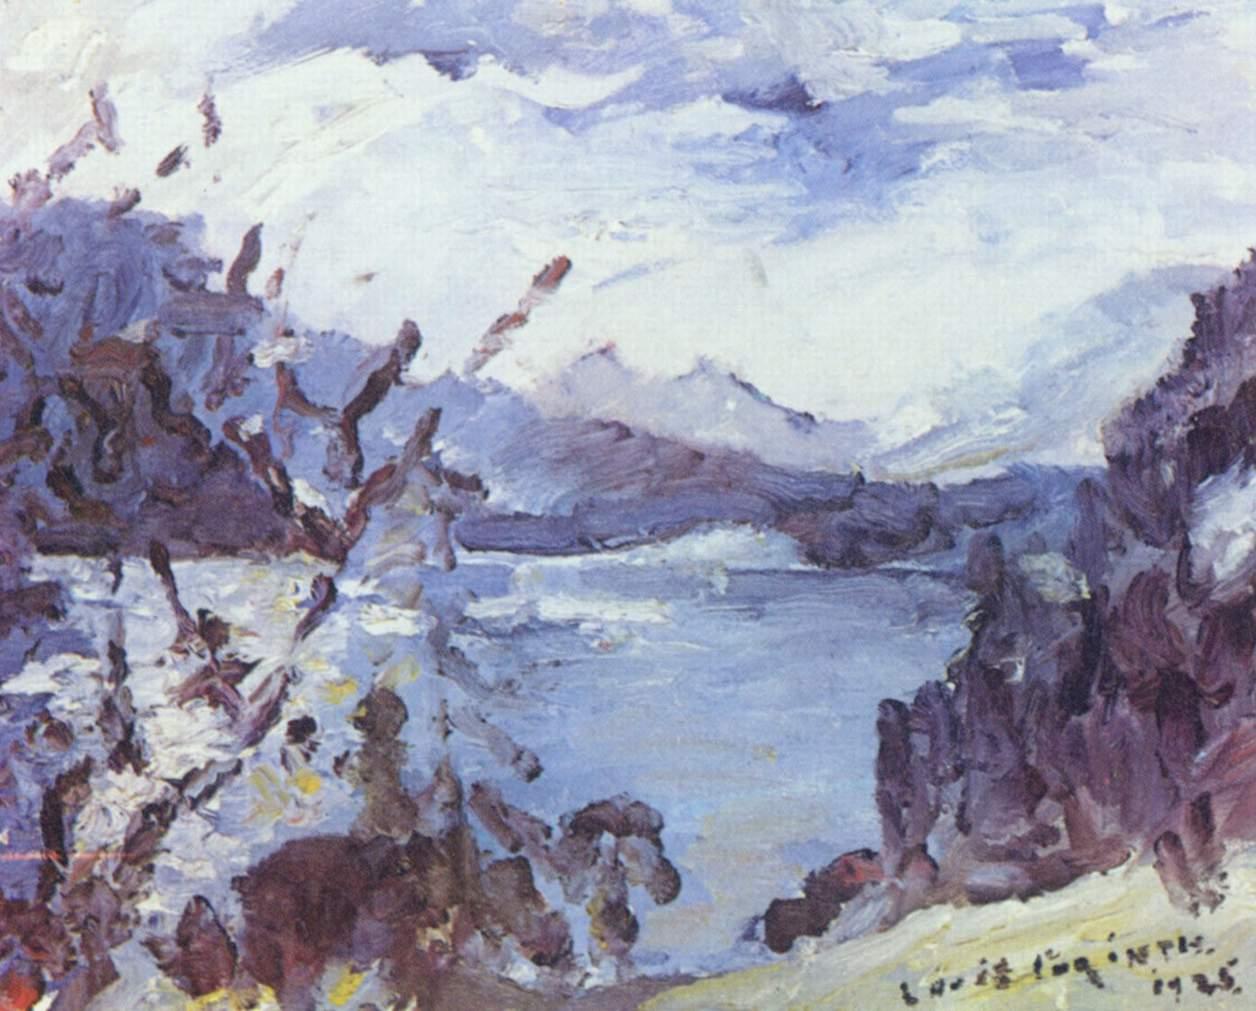 Озеро Вальхен с горной грядой на горизонте и отвесным берегом, Коринт Ловис